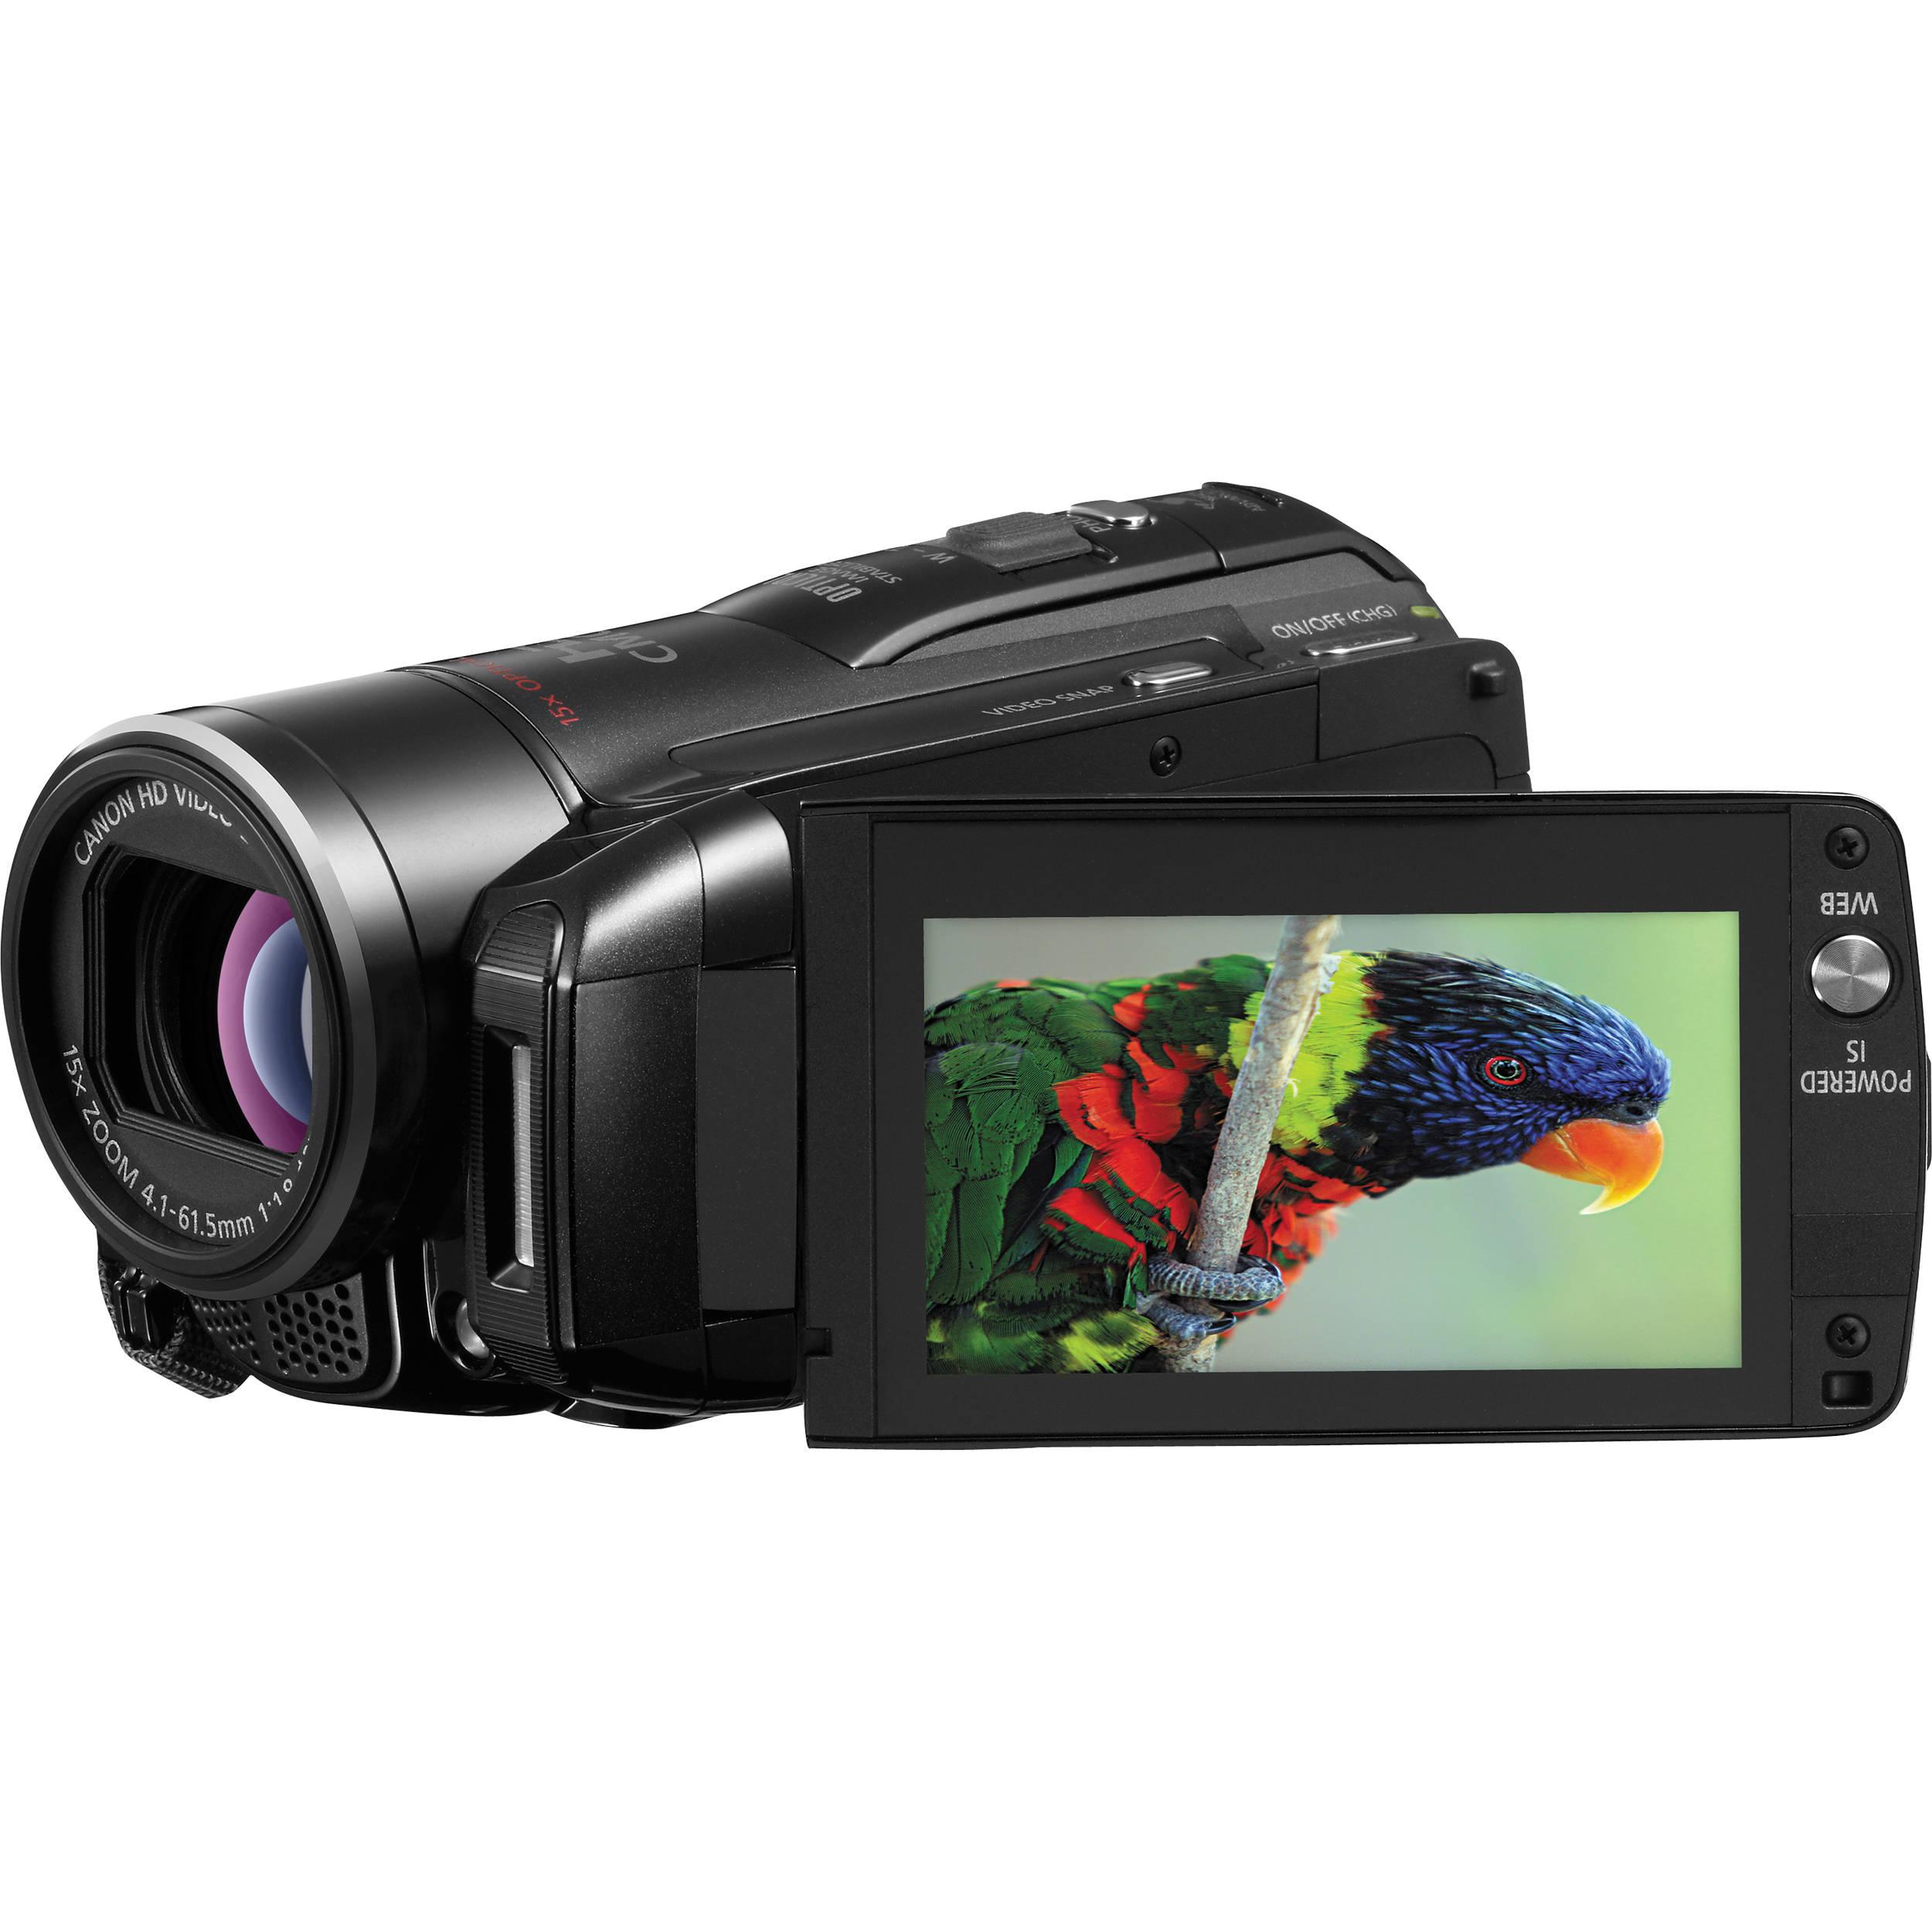 canon vixia hf m31 dual flash memory camcorder 4353b001 b h rh bhphotovideo com Canon VIXIA HF R100 Canon VIXIA HF R20